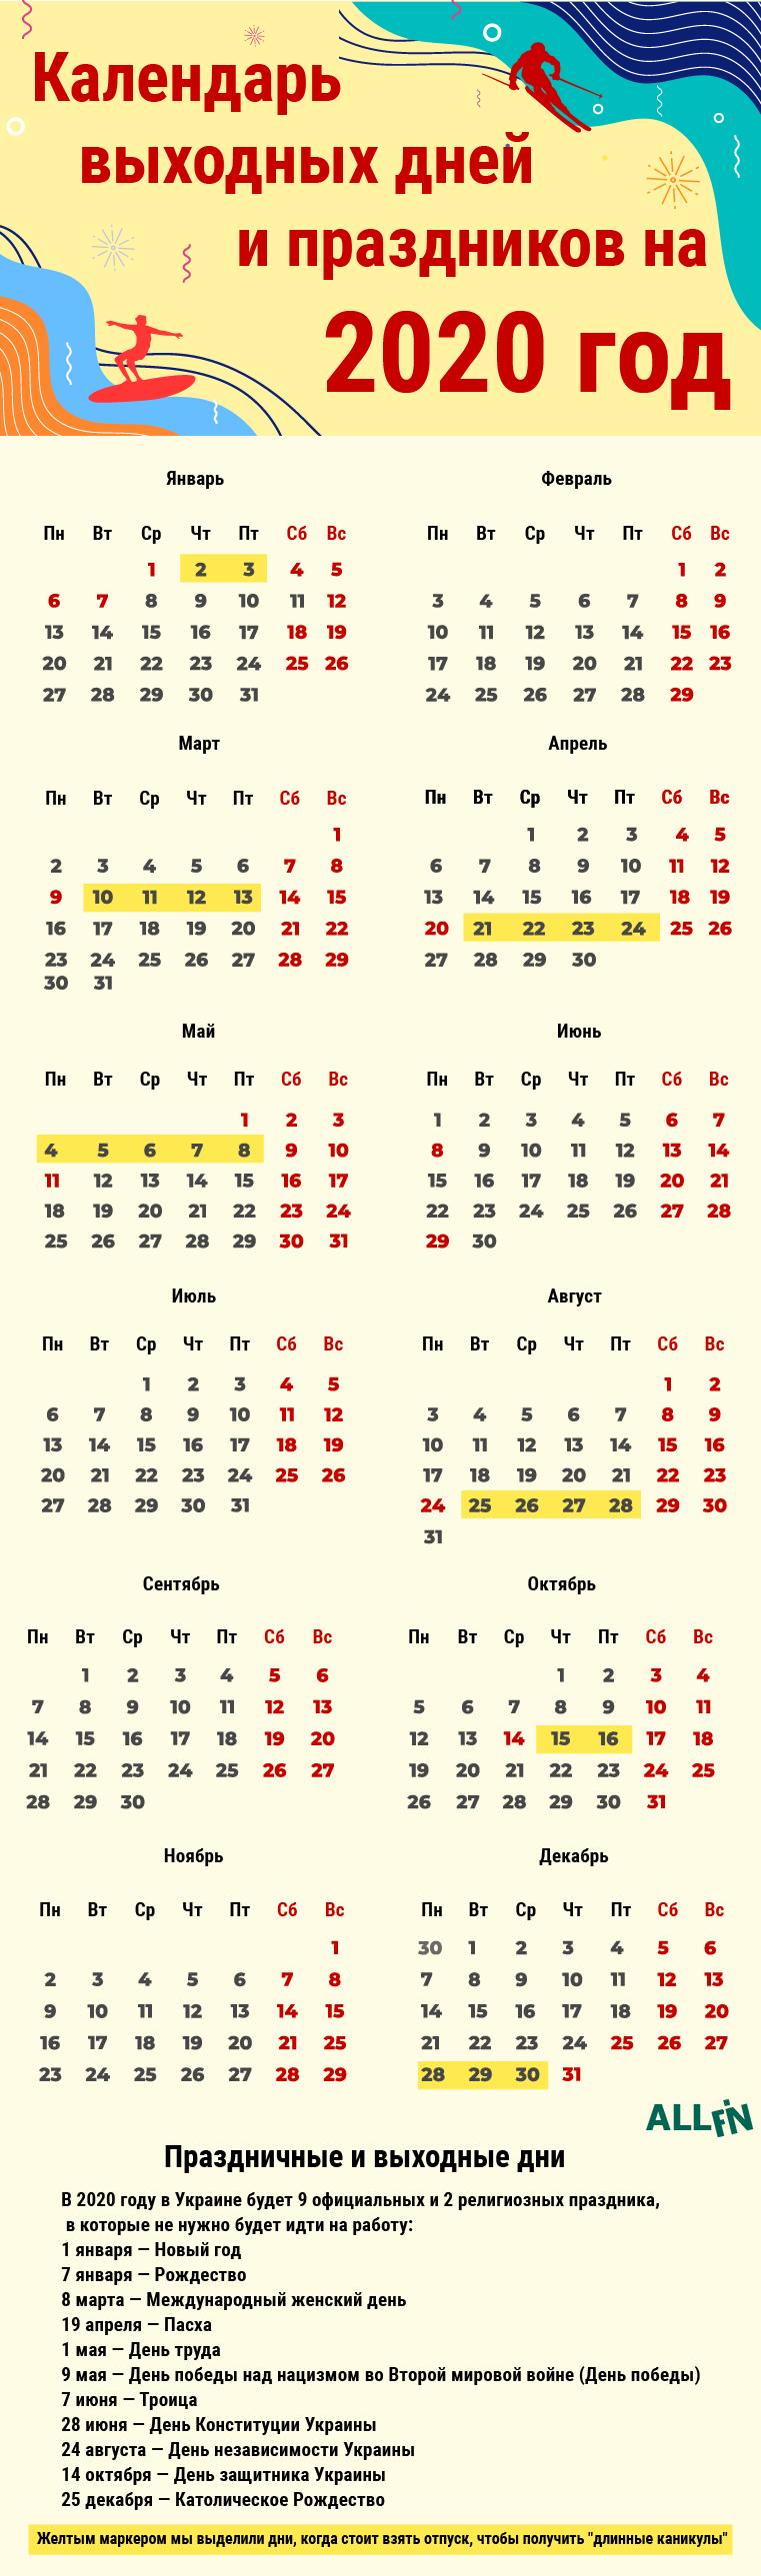 Как В 2020 Году Отдохнуть Больше Чем Положено По Календарю throughout Kuda Calendar 2020